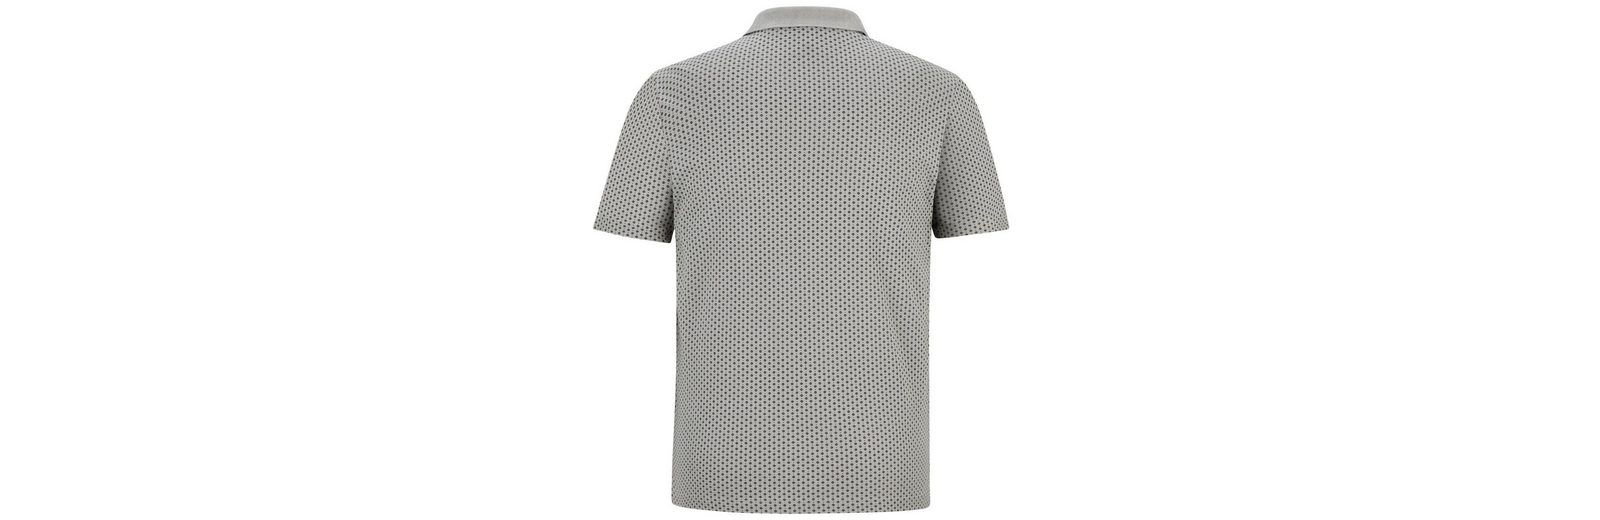 Jan Vanderstorm Poloshirt GERRIT Billig Verkauf Breite Palette Von 2018 Neue Online Ausverkauf xsqrQWB4